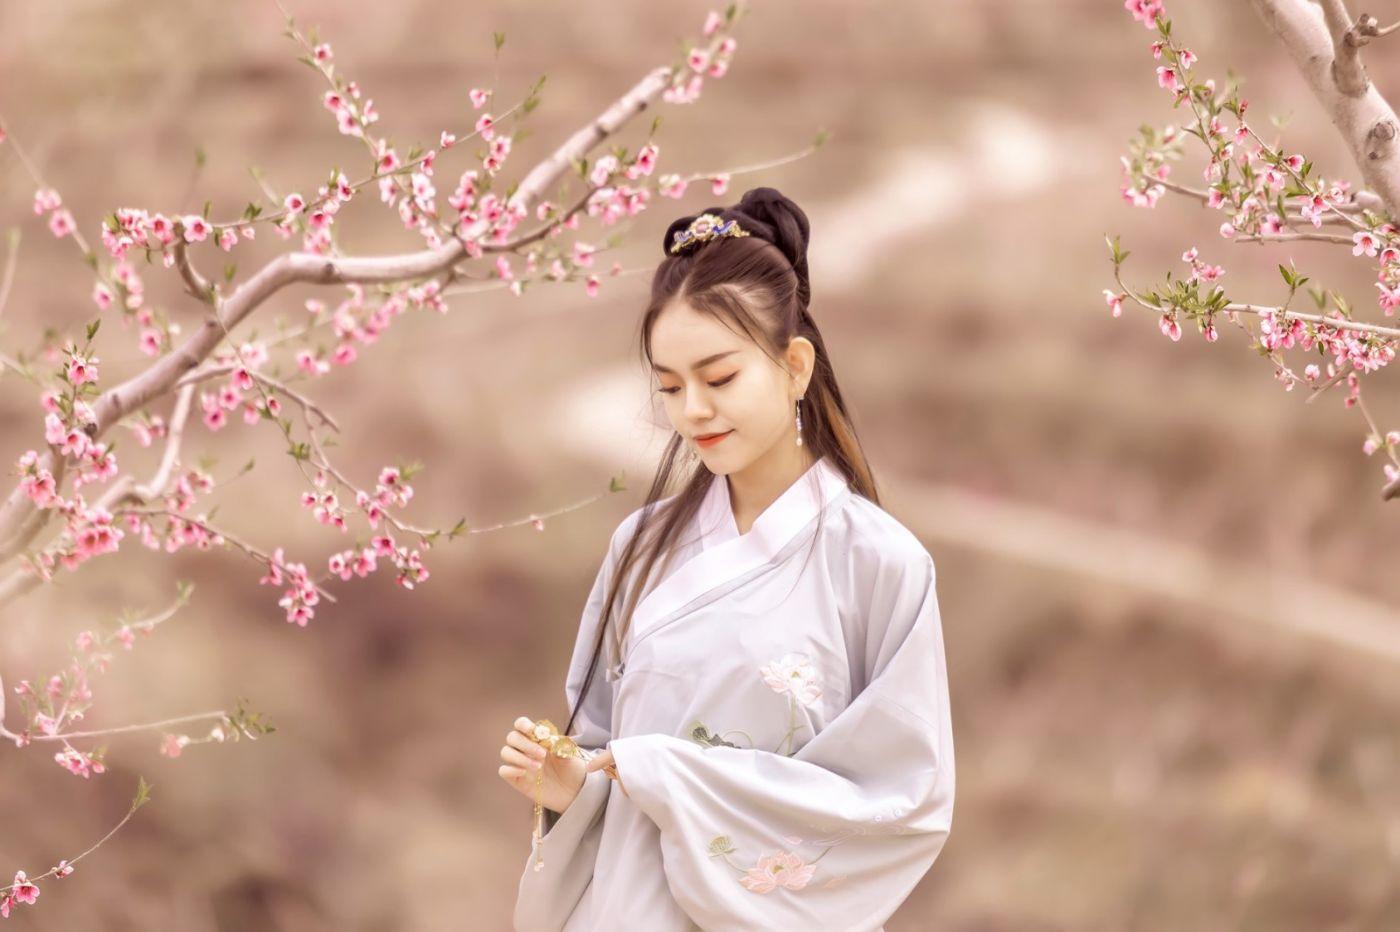 临沂汉服女孩晓艺的春天_图1-7